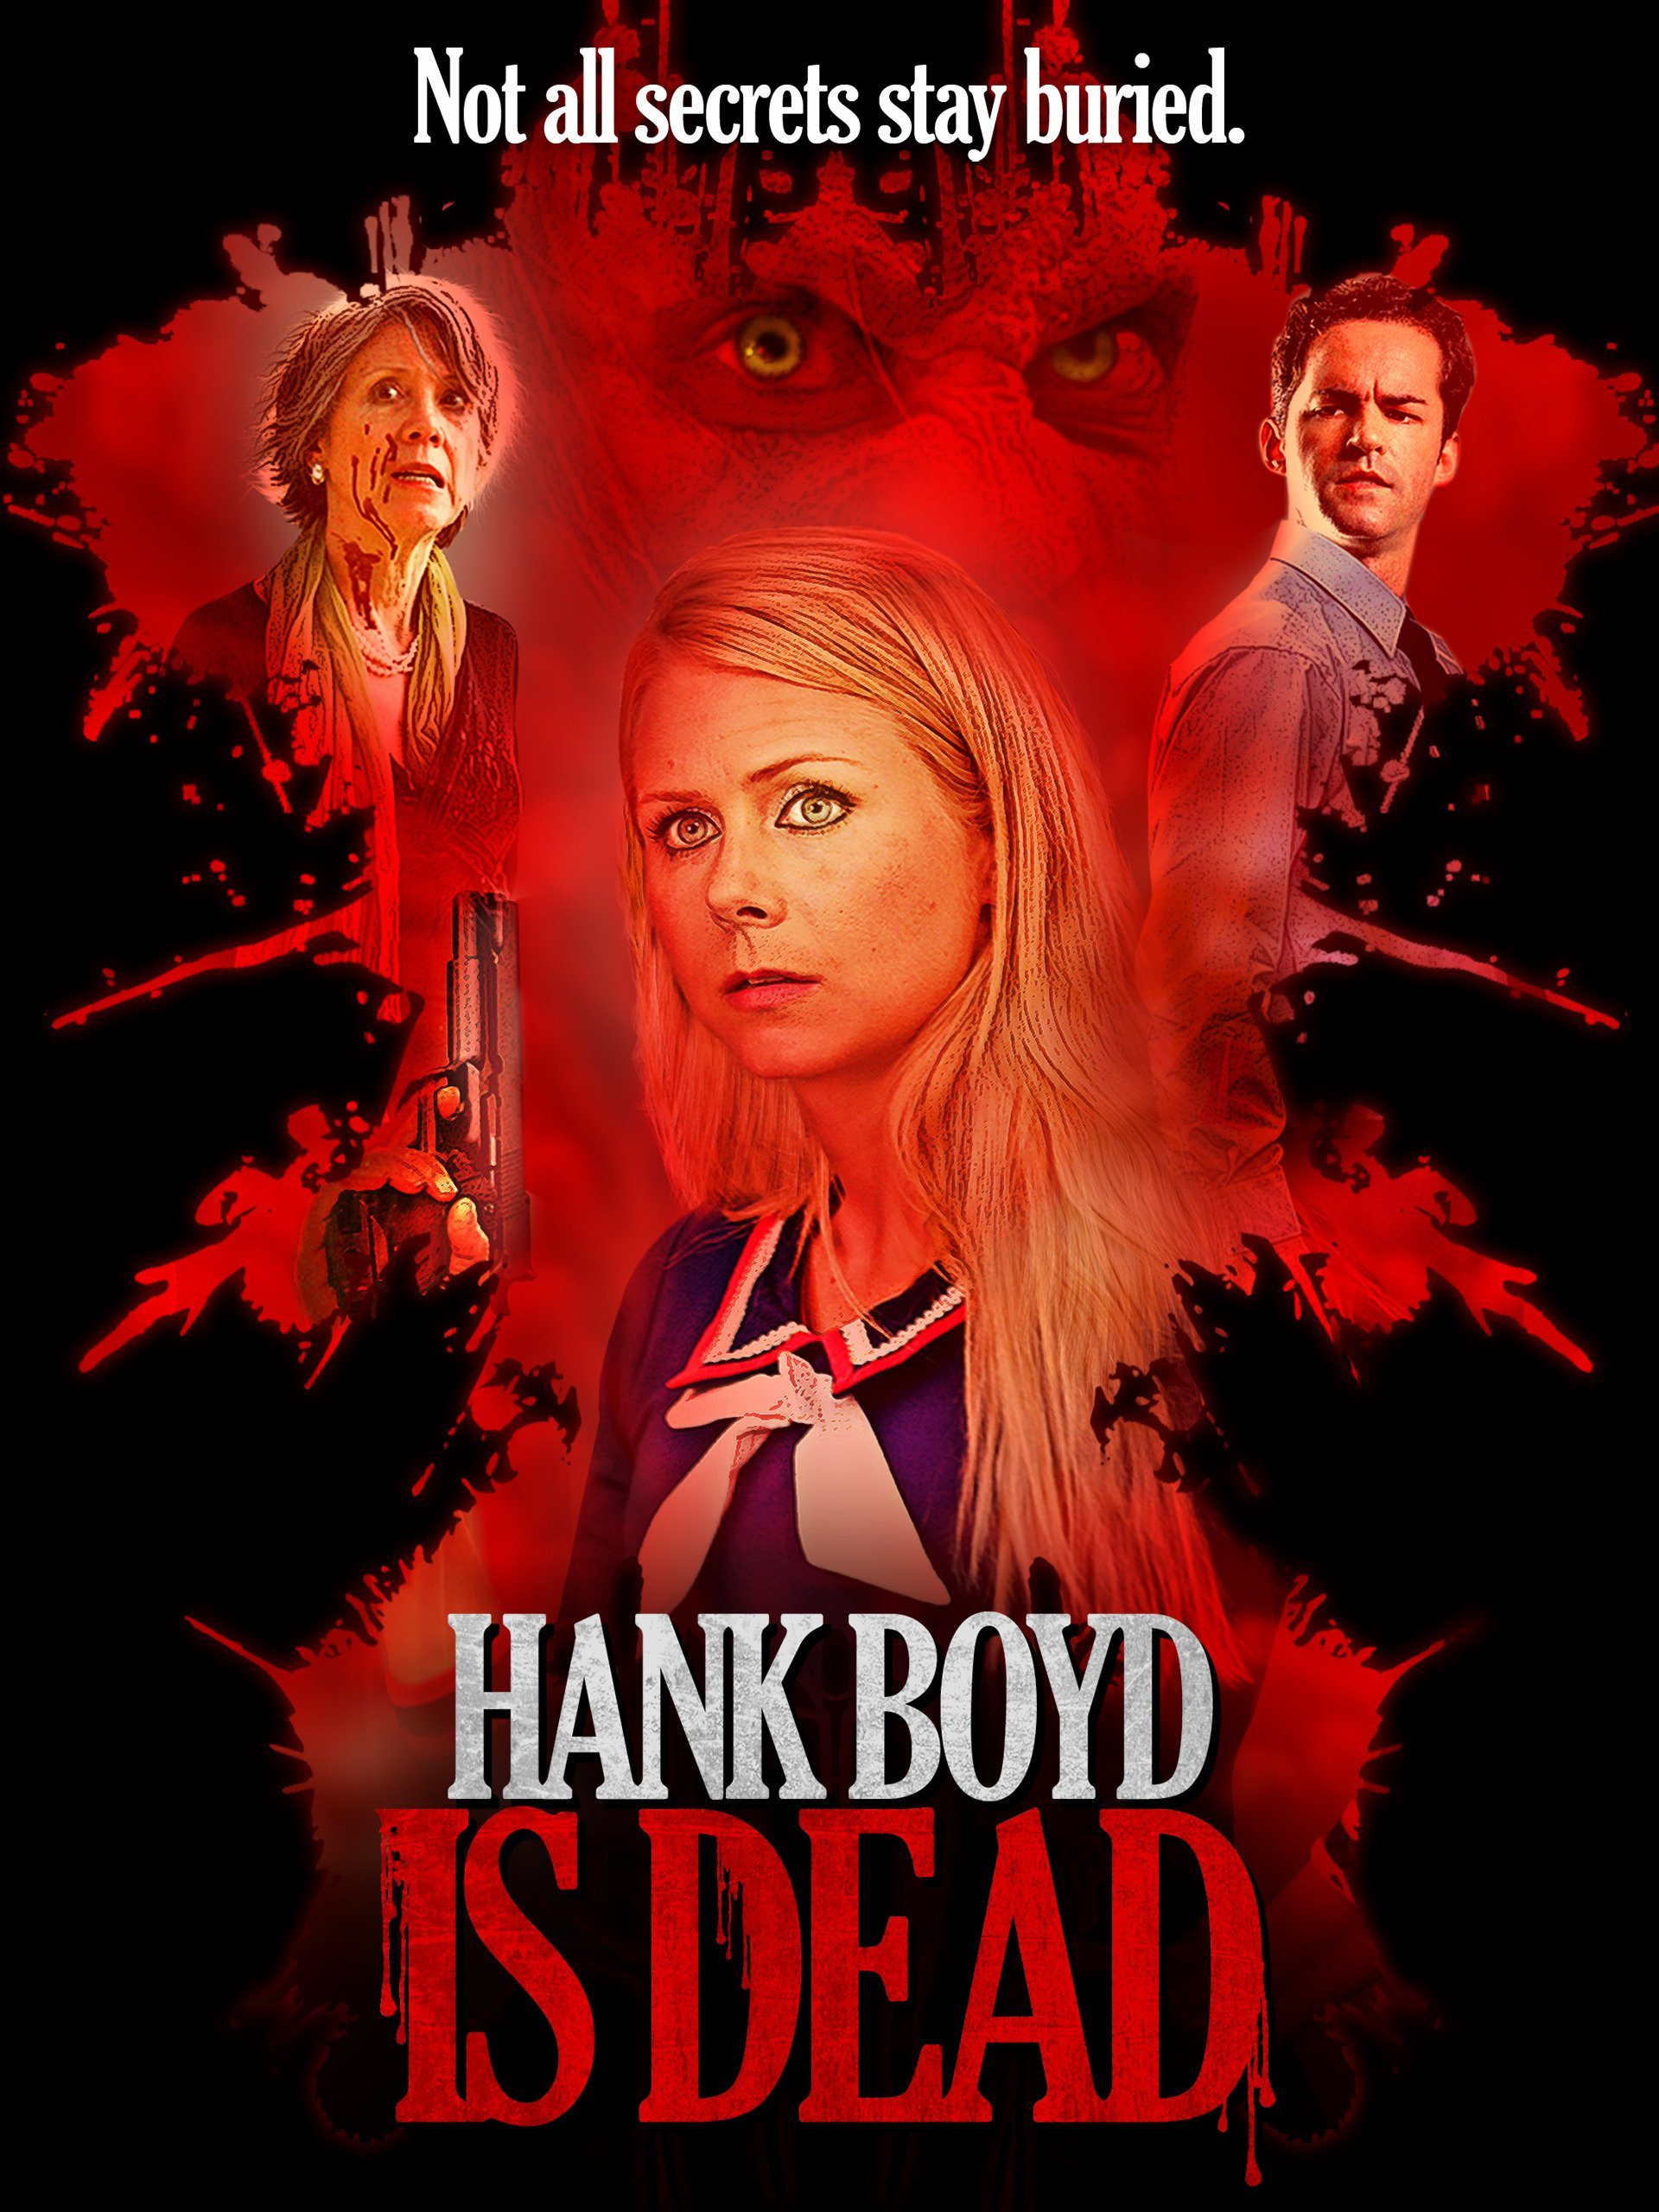 Hank Boyd is Dead